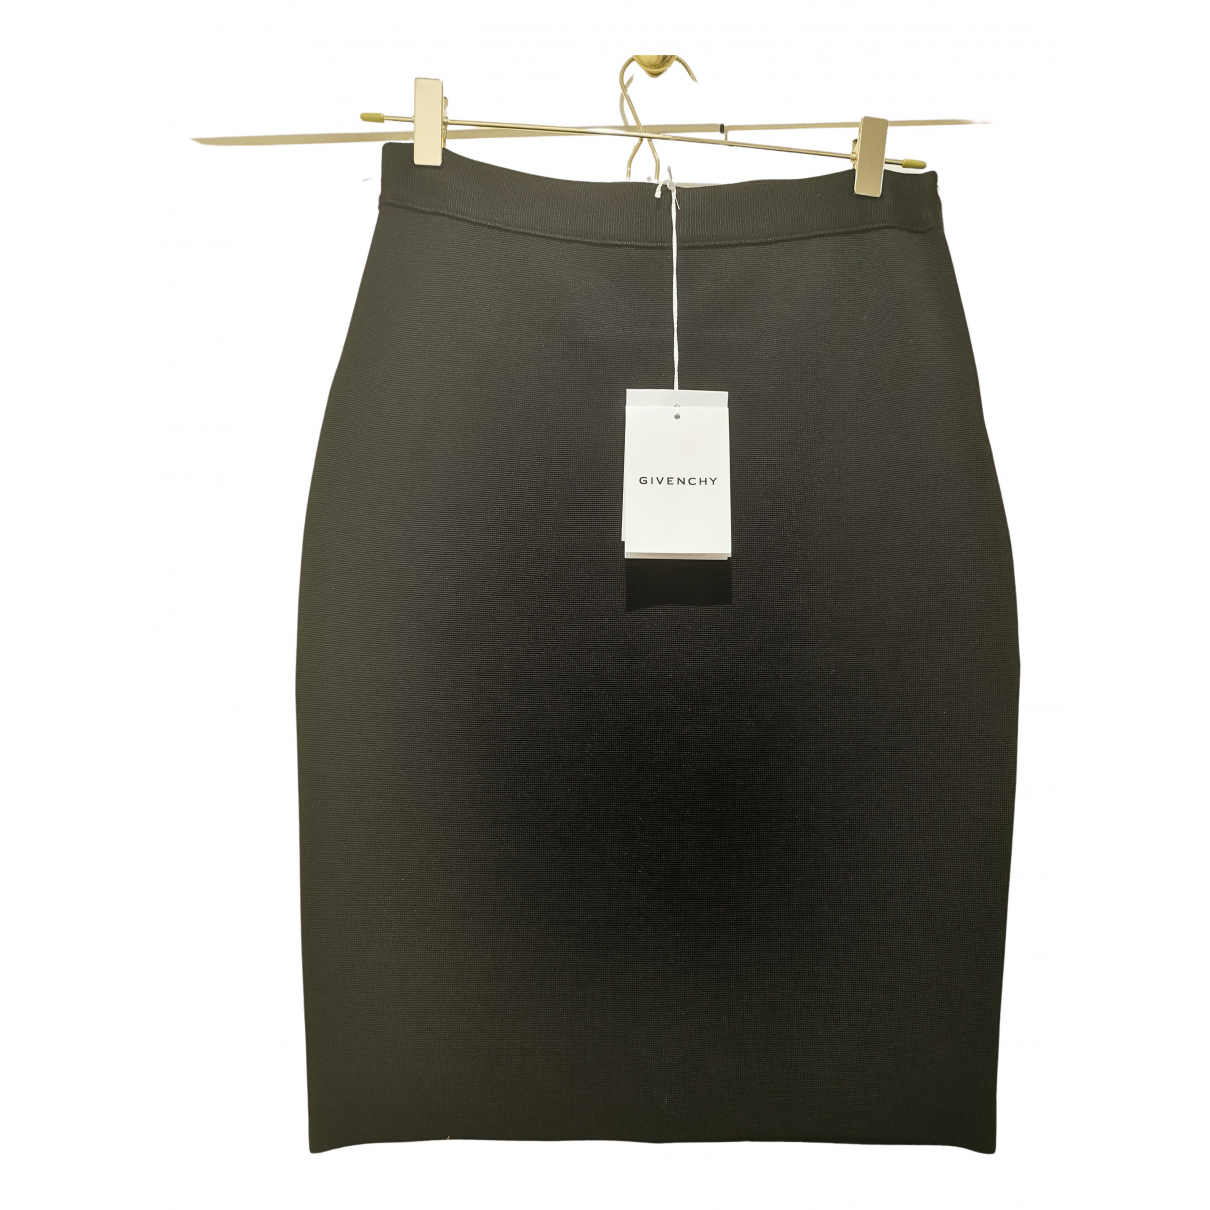 Givenchy - Jupe   pour femme en coton - elasthane - noir